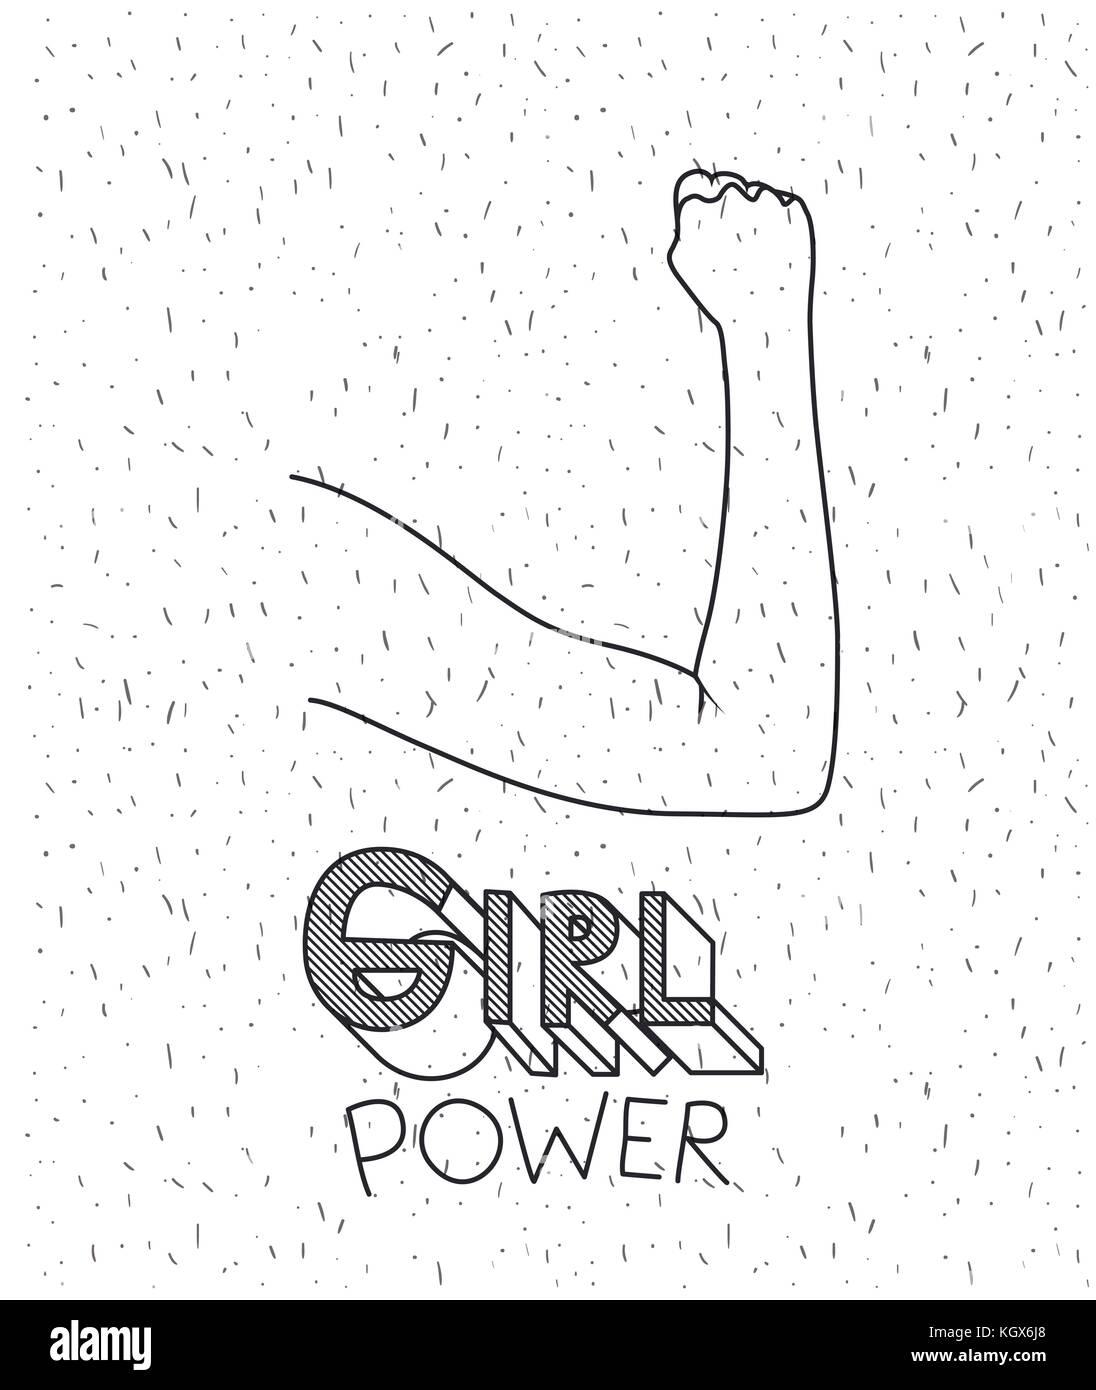 Girl Power texto con brazo femenino silueta sobre fondo blanco con destellos Imagen De Stock